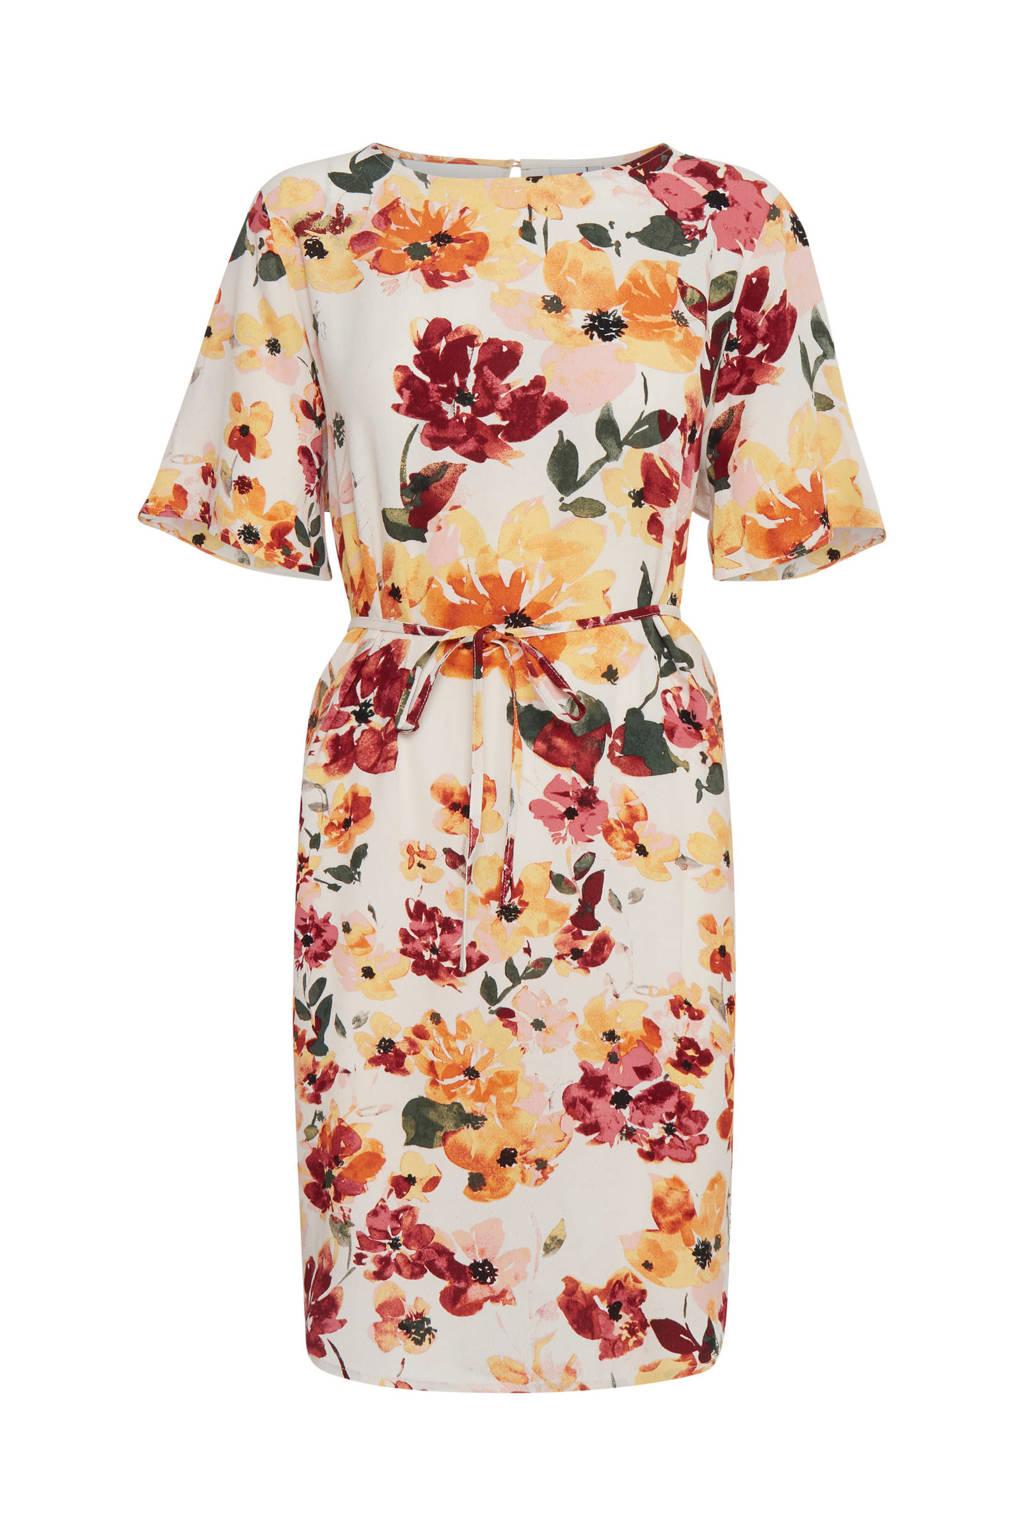 ICHI gebloemde jurk Ihbrunsa roze/rood/geel, Roze/rood/geel